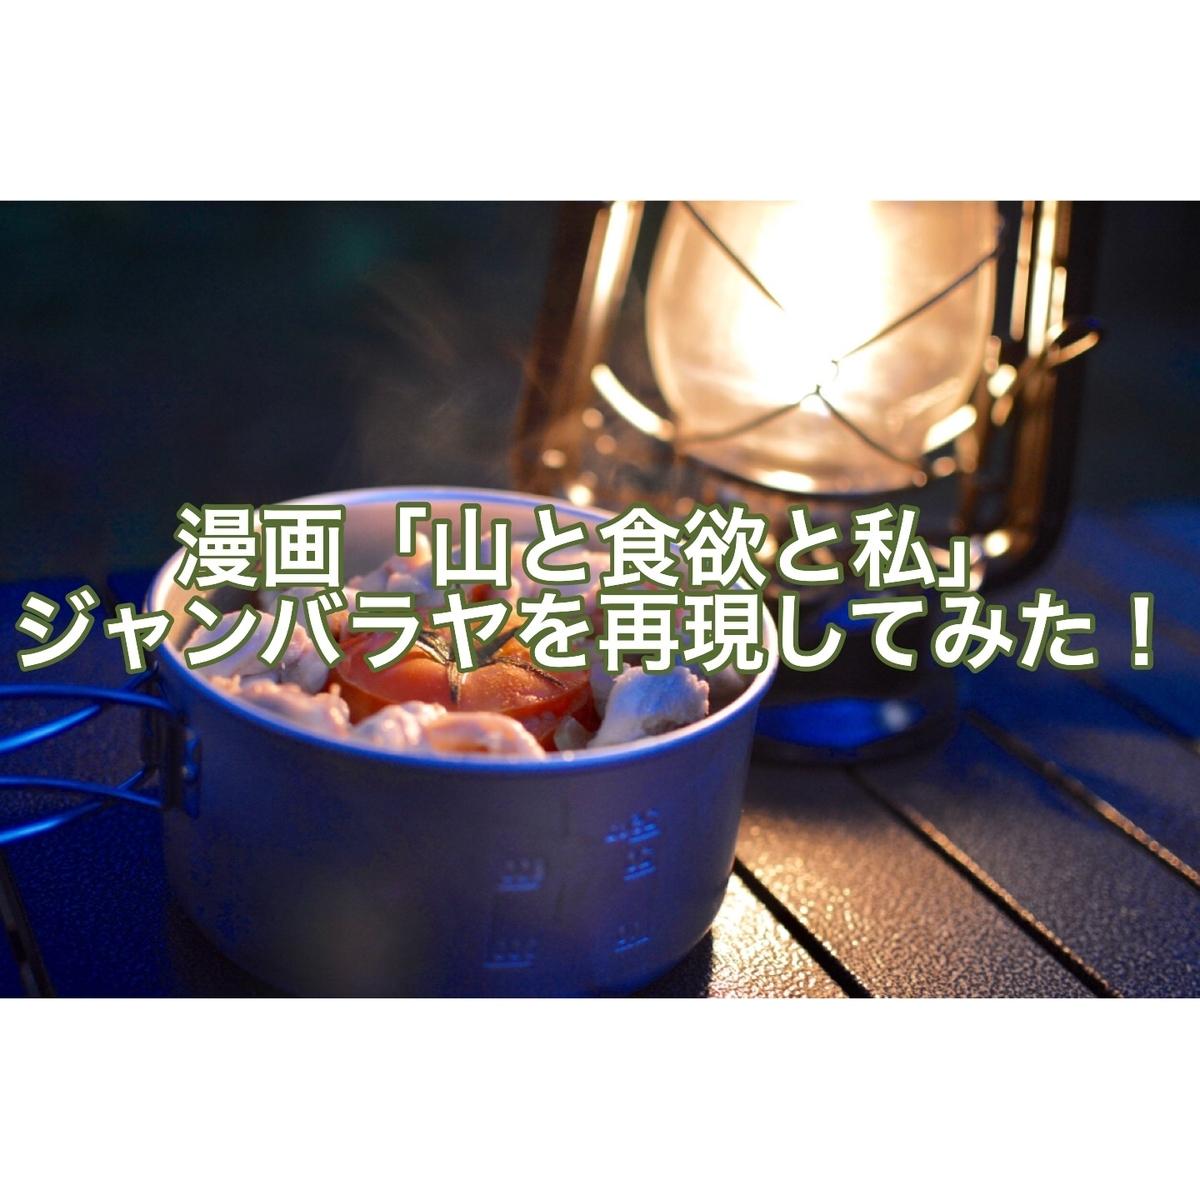 f:id:ushisaku:20190527194215j:plain